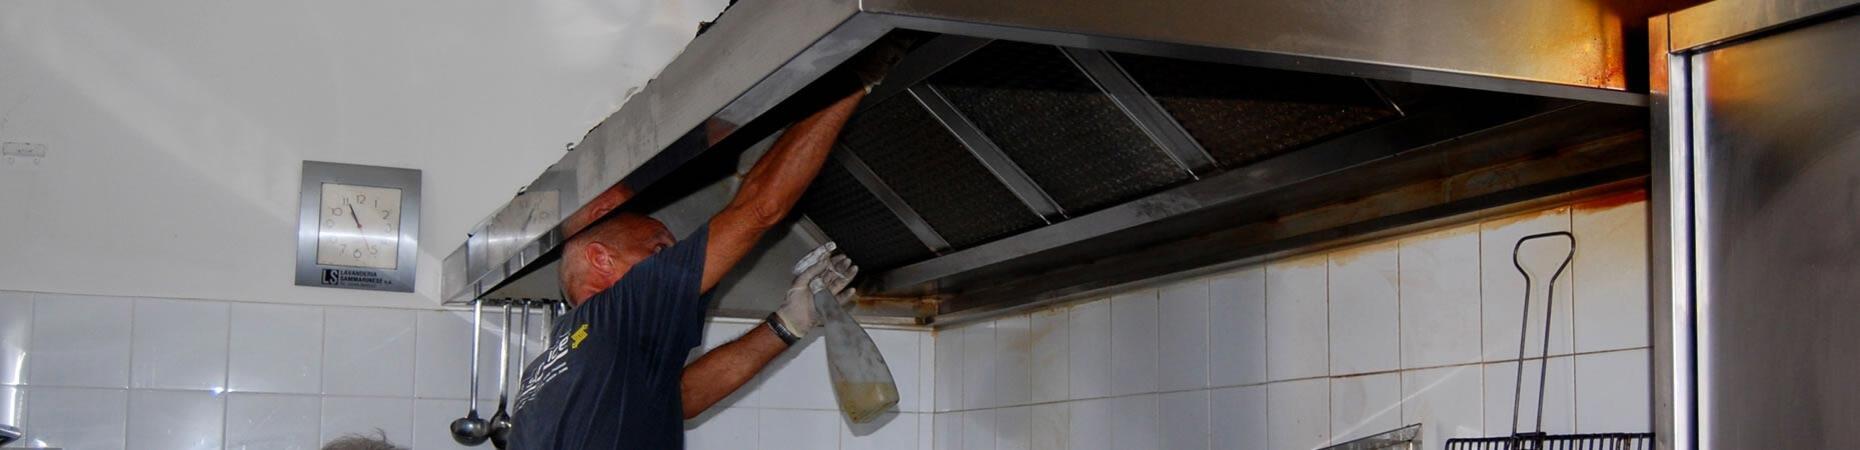 ecoservice-ravenna it sgrassaggio-cappe-e-condotti-aria-condizionata-ravenna 005